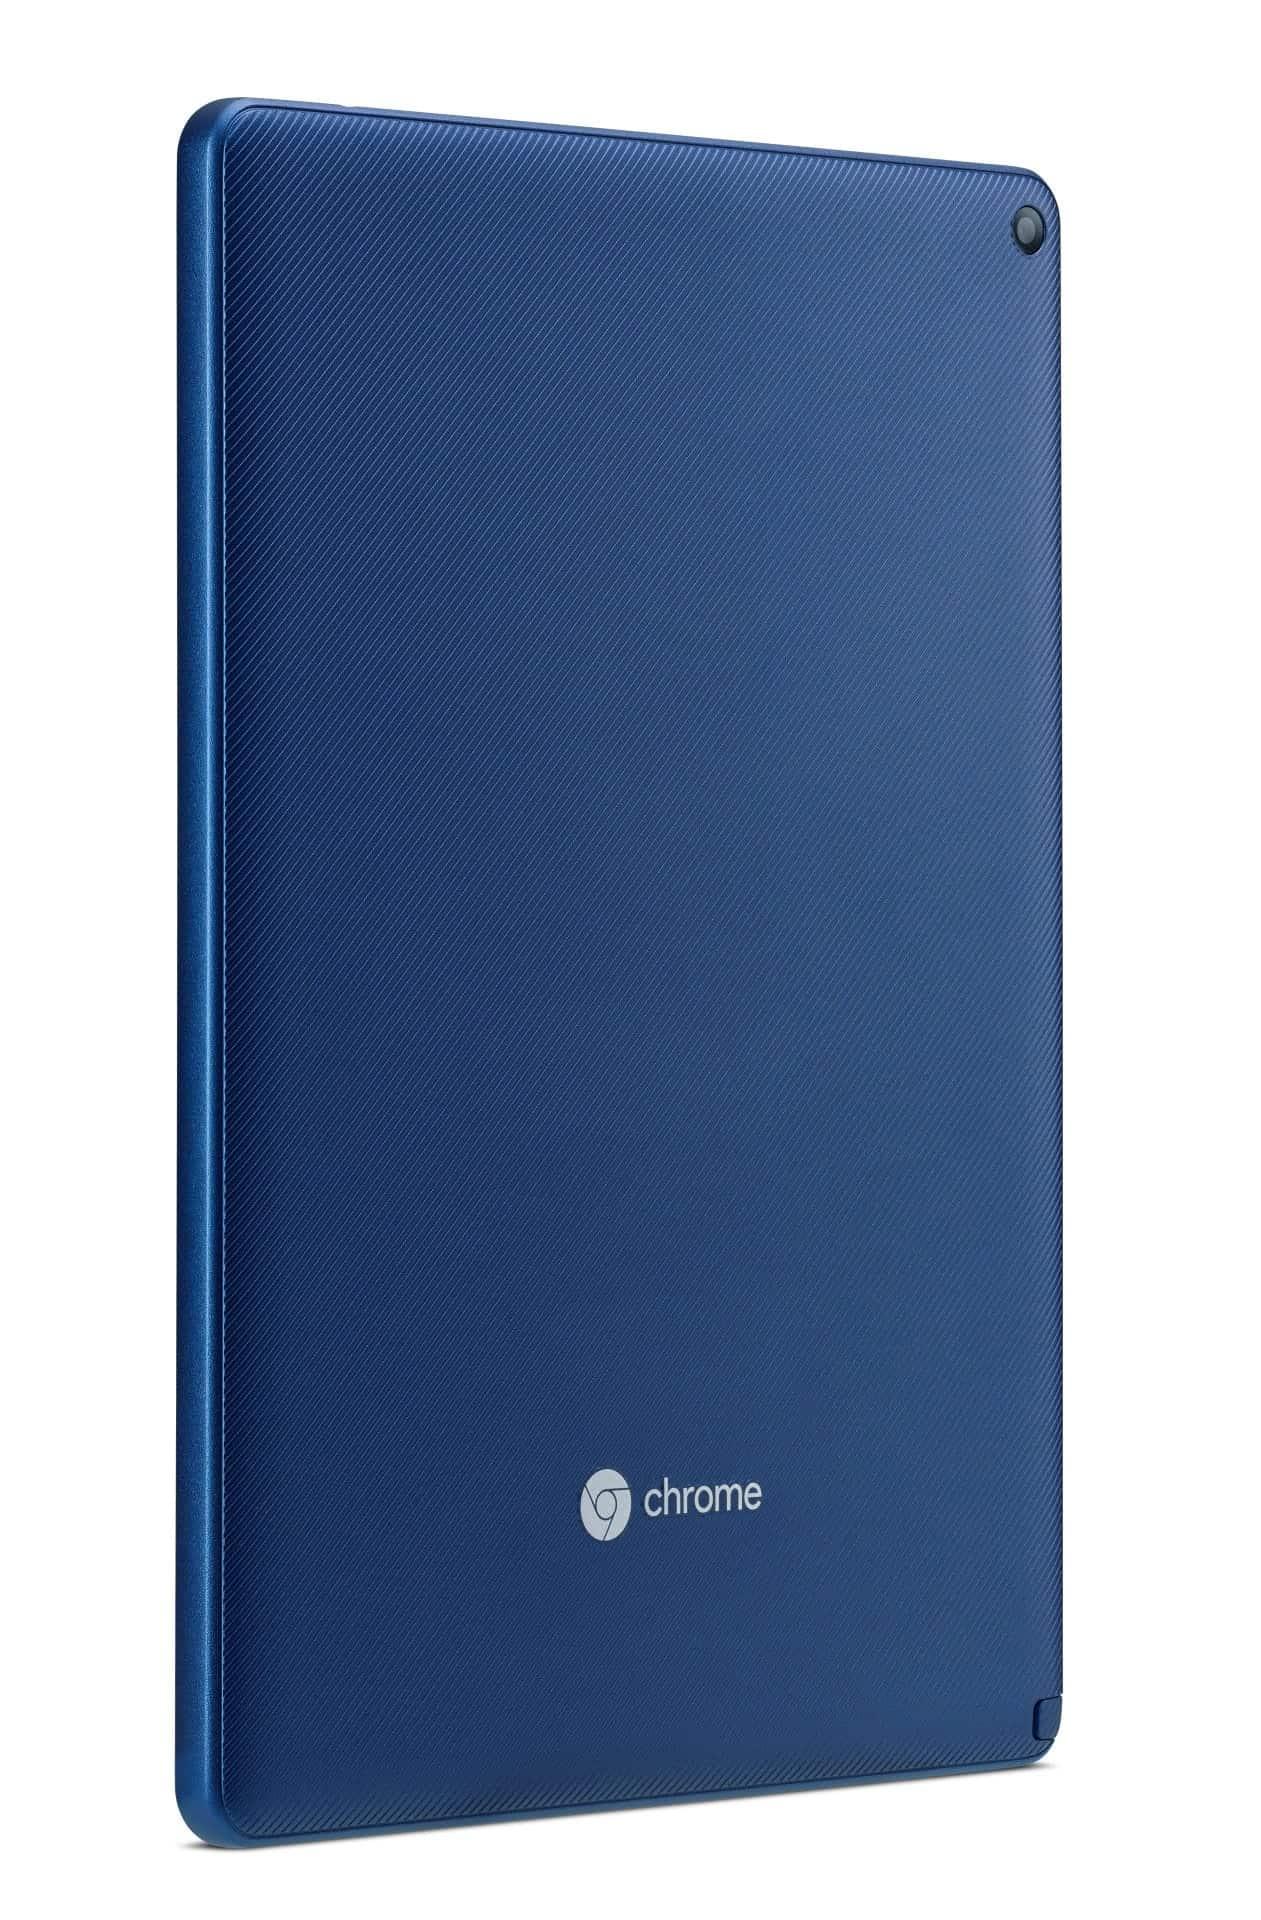 Chromebook Tab 10 Press 10